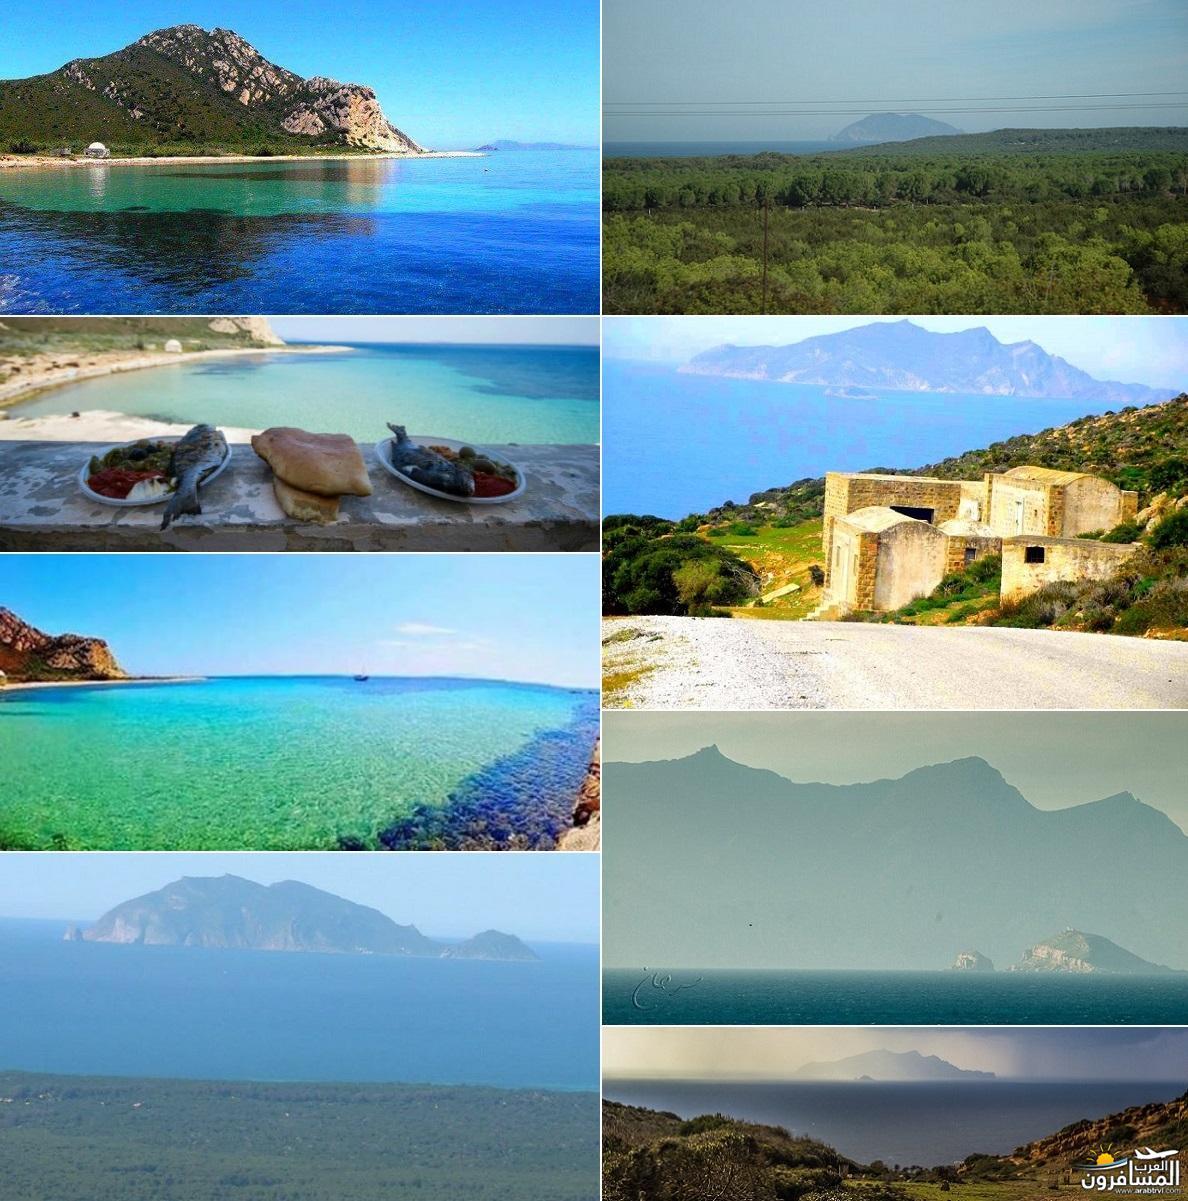 641846 المسافرون العرب خدمات سياحية متطورة في تونس